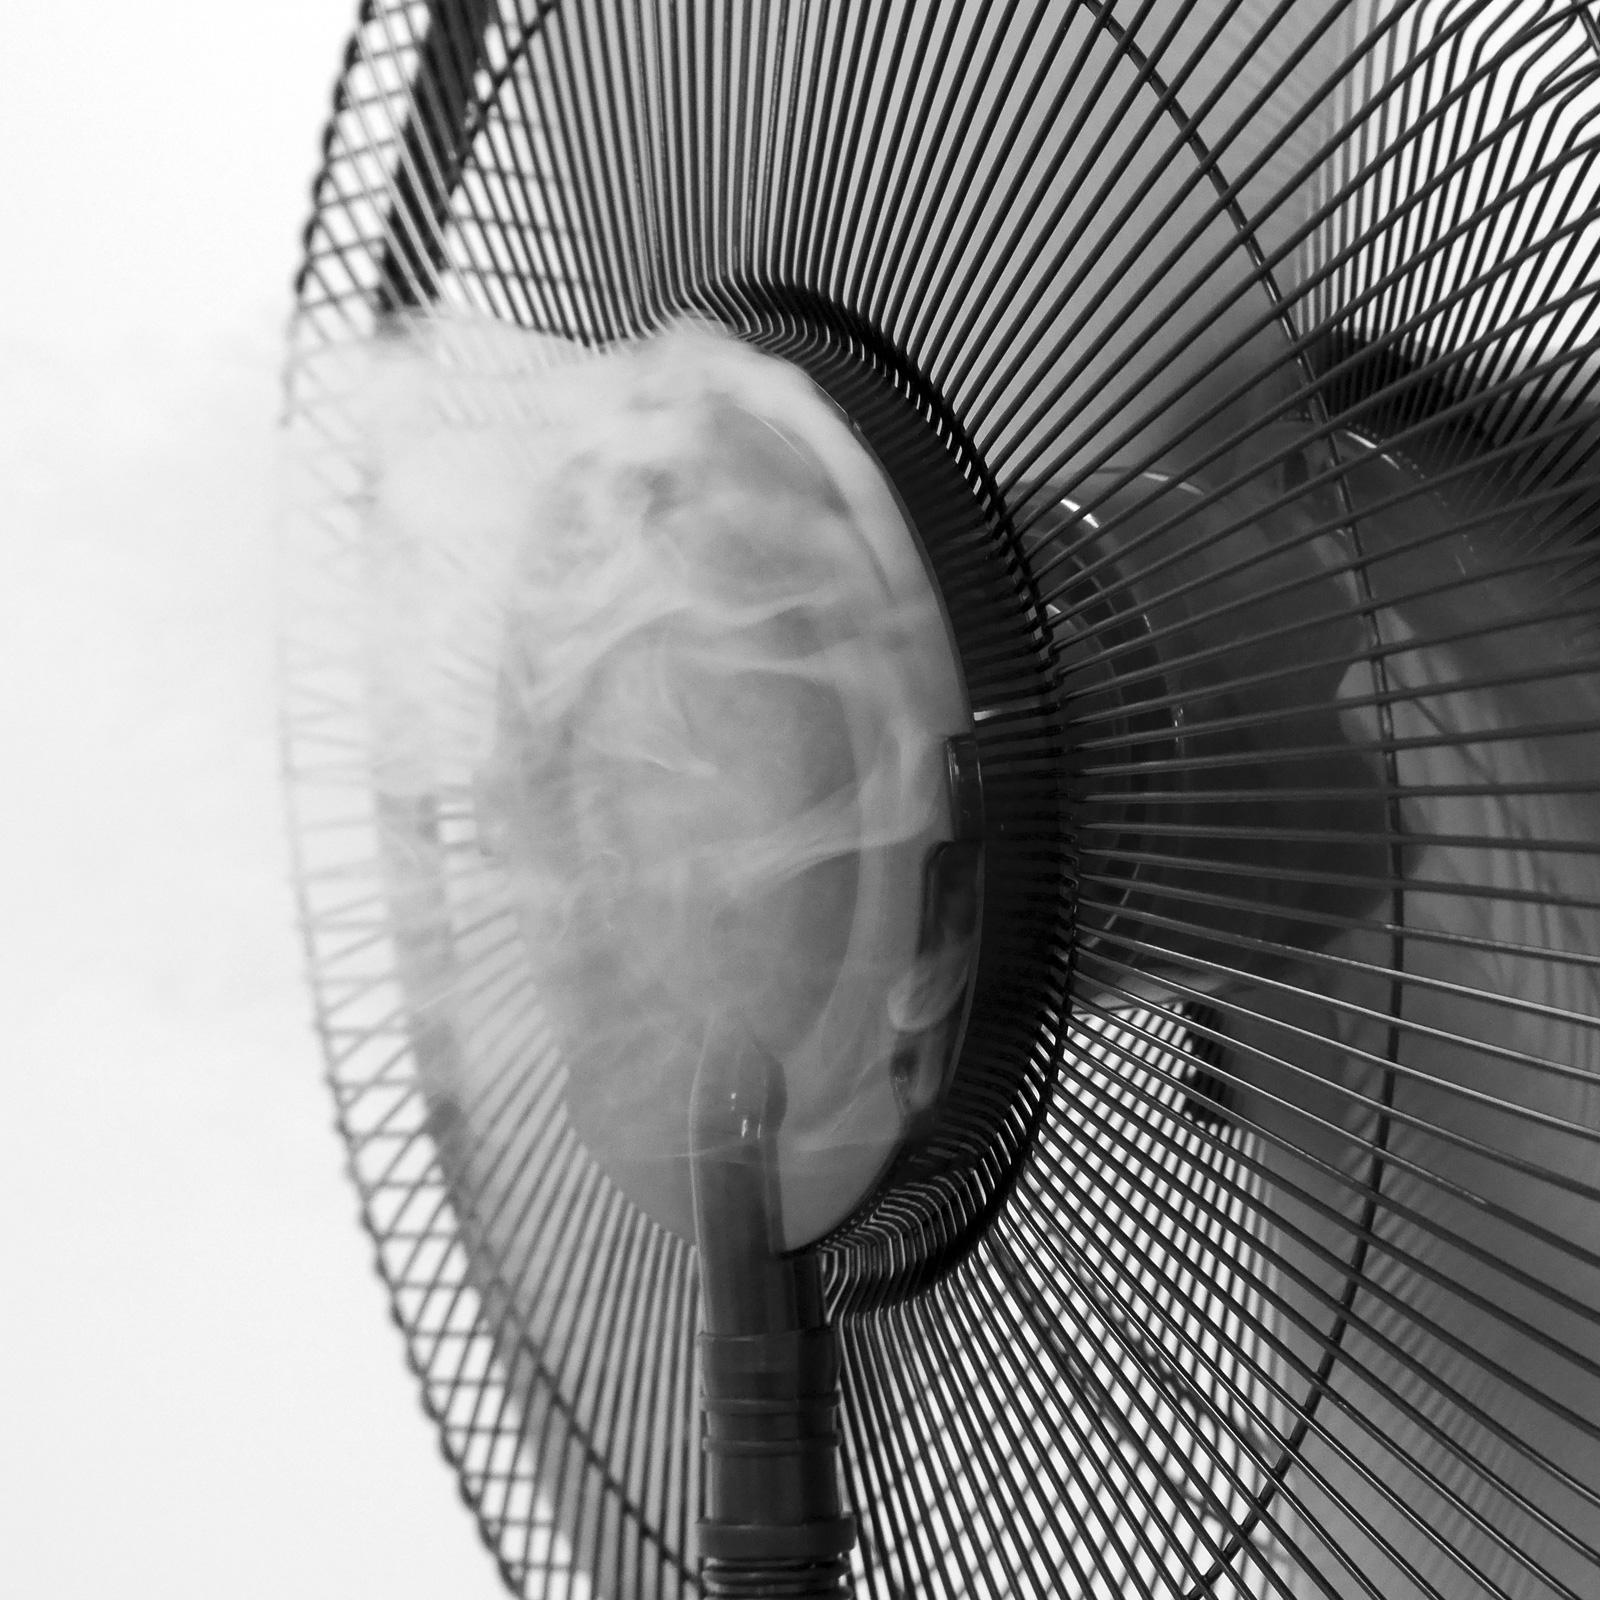 Ventilator mit Wasser & Ultraschall Nebel